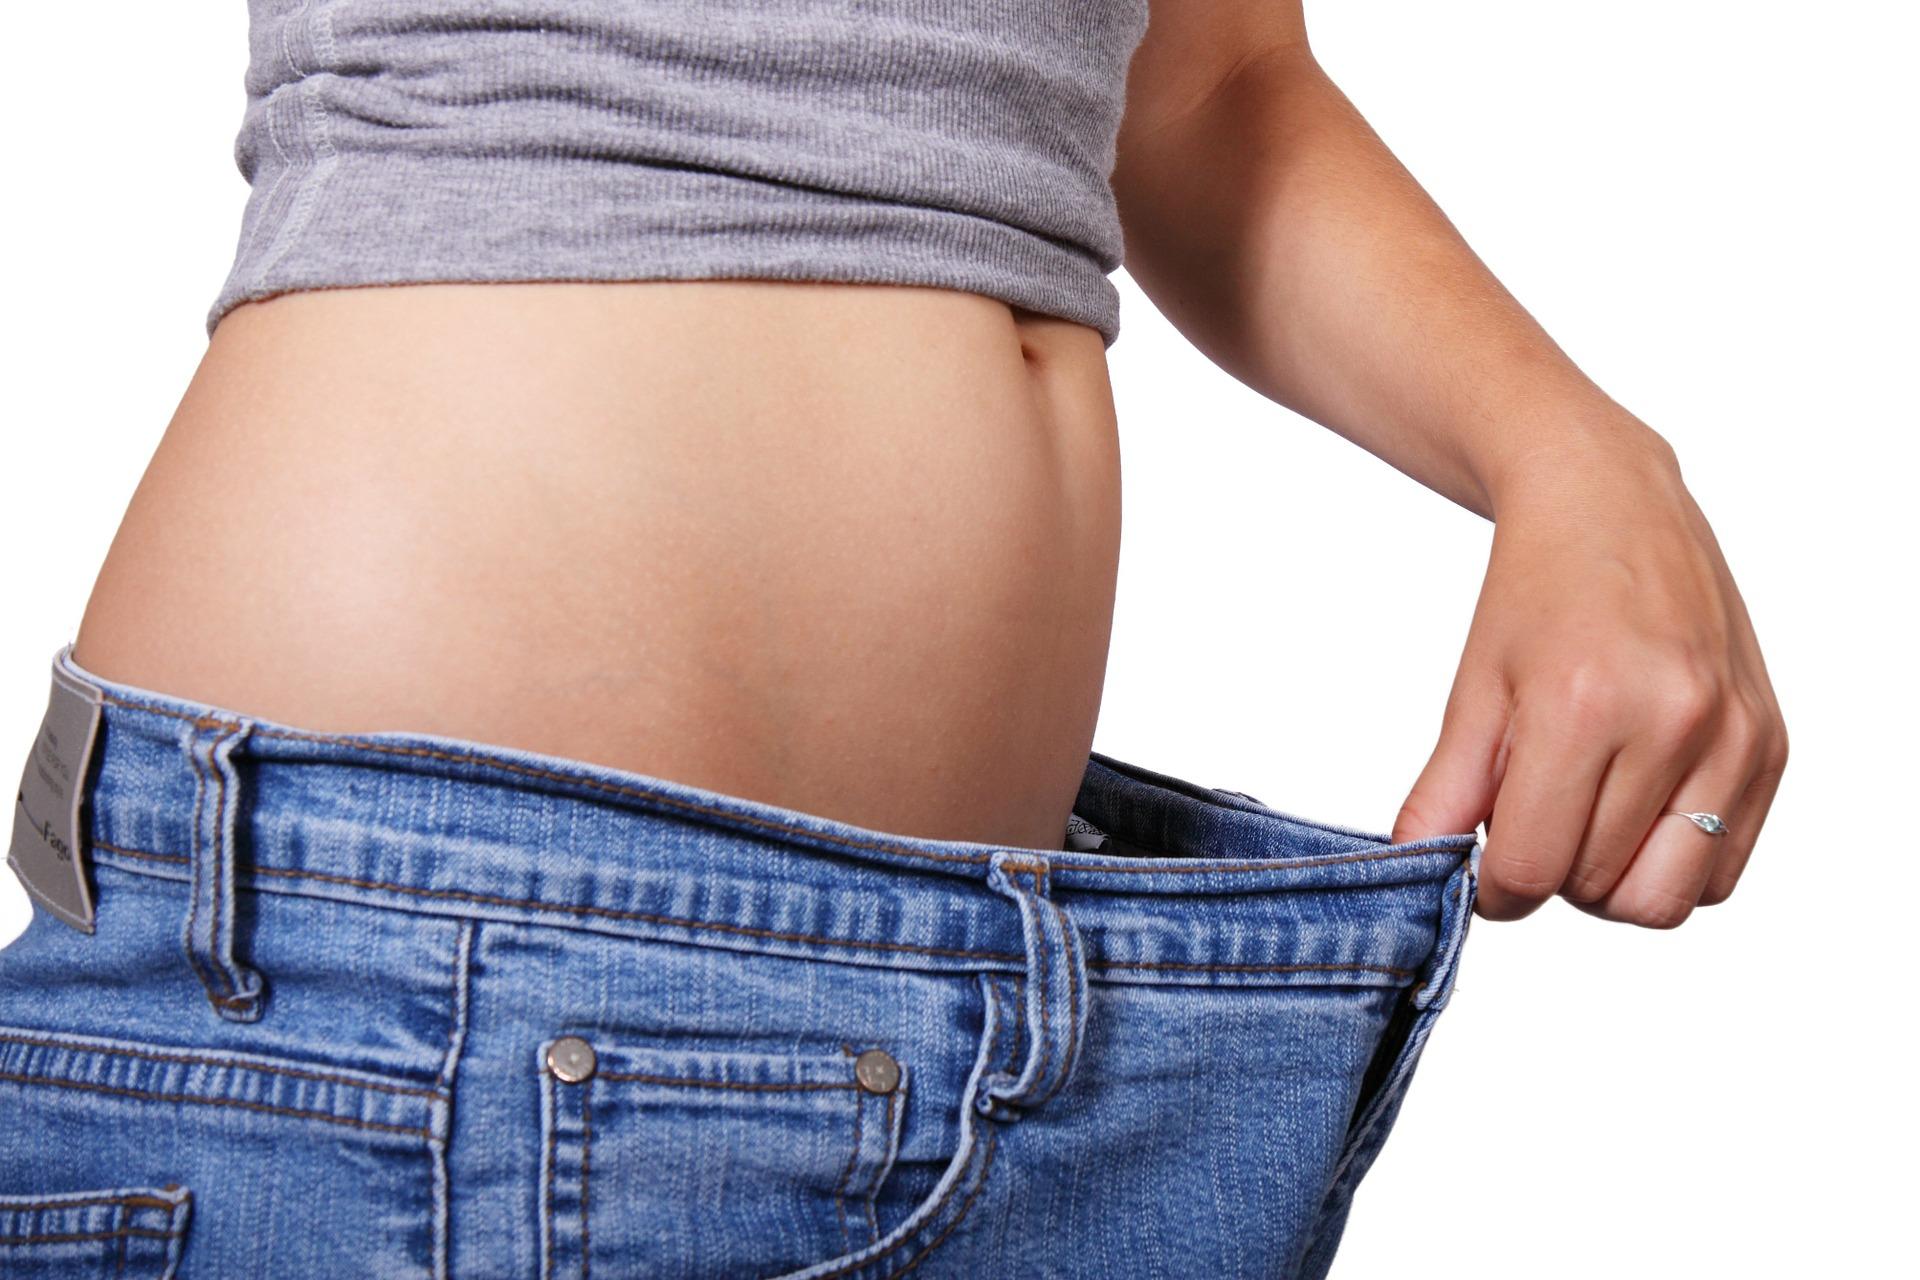 Kapusta je prírodné probiotikum a pomáha pri chudnutí